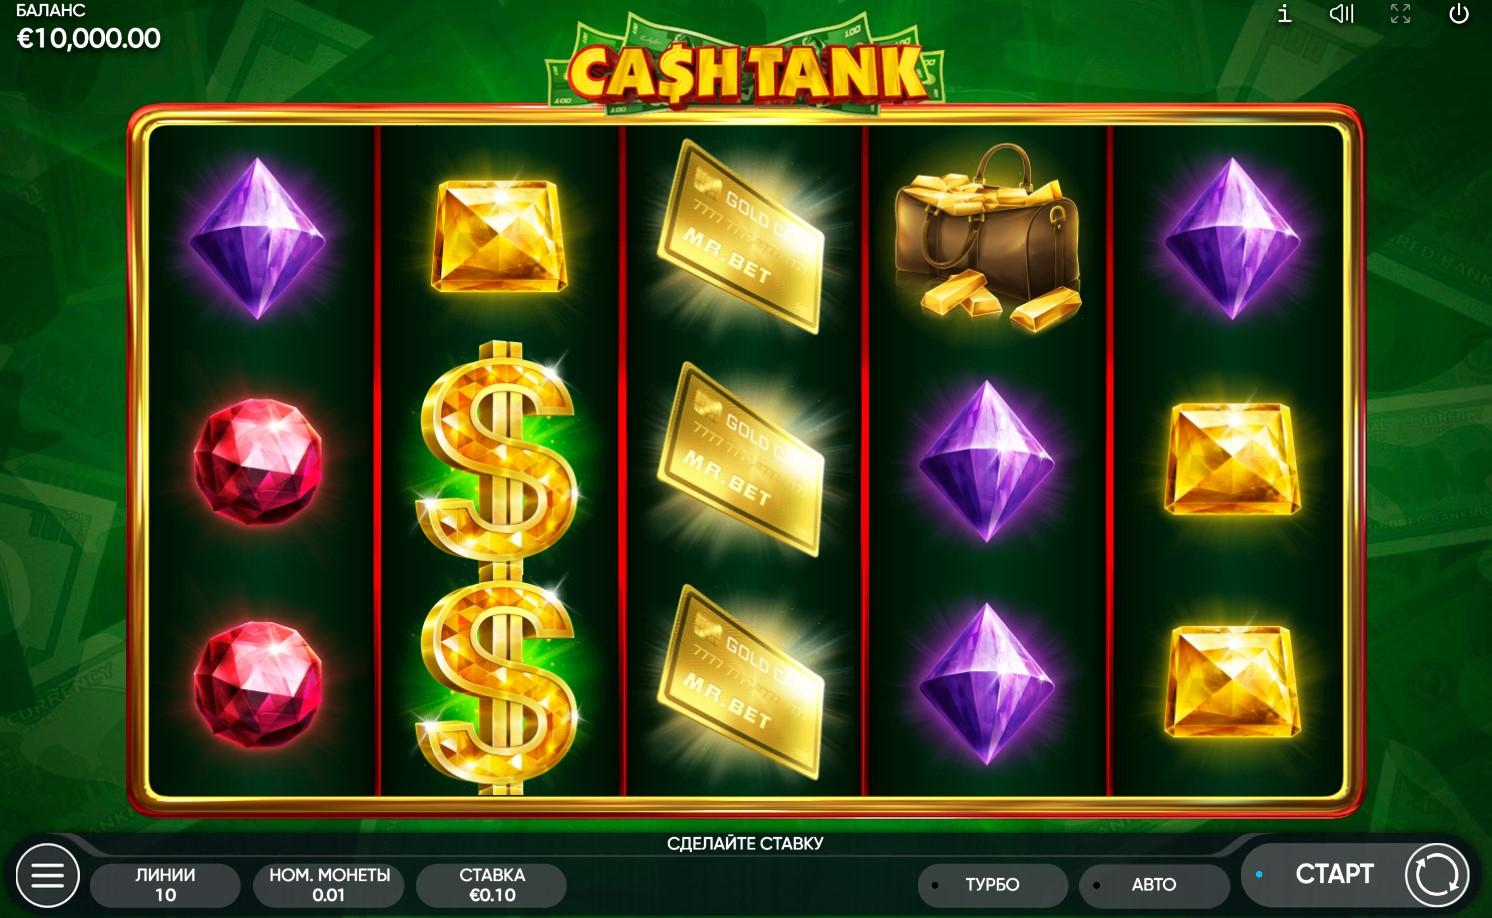 Бесплатный слот Cash Tank